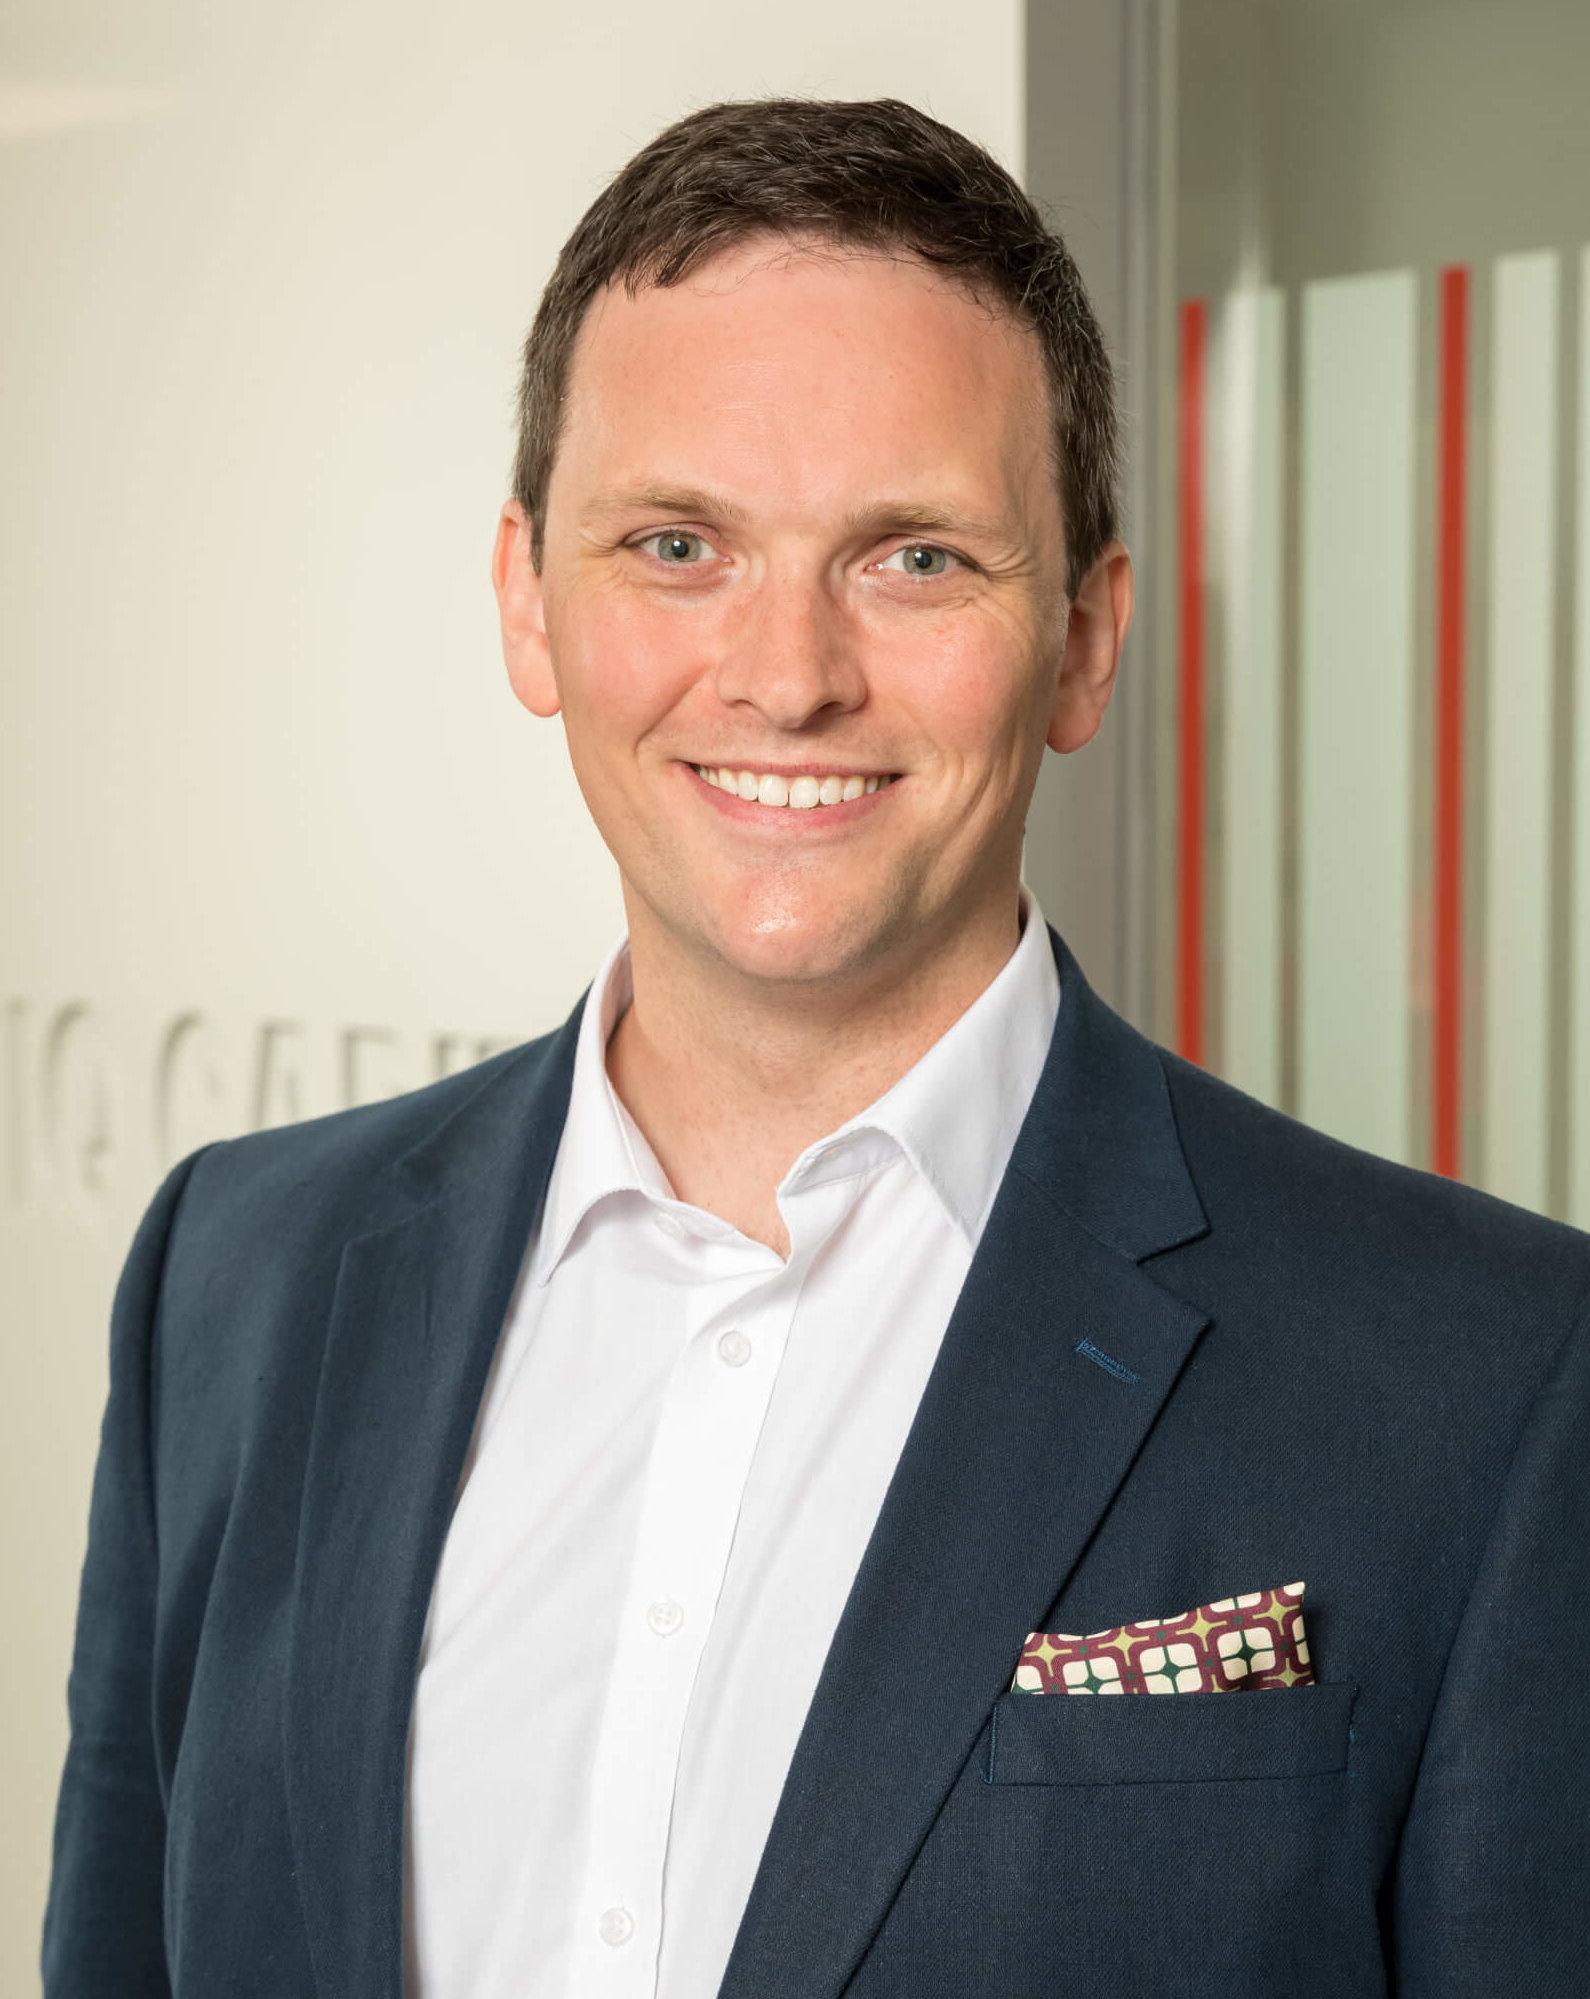 Andrew Rogan